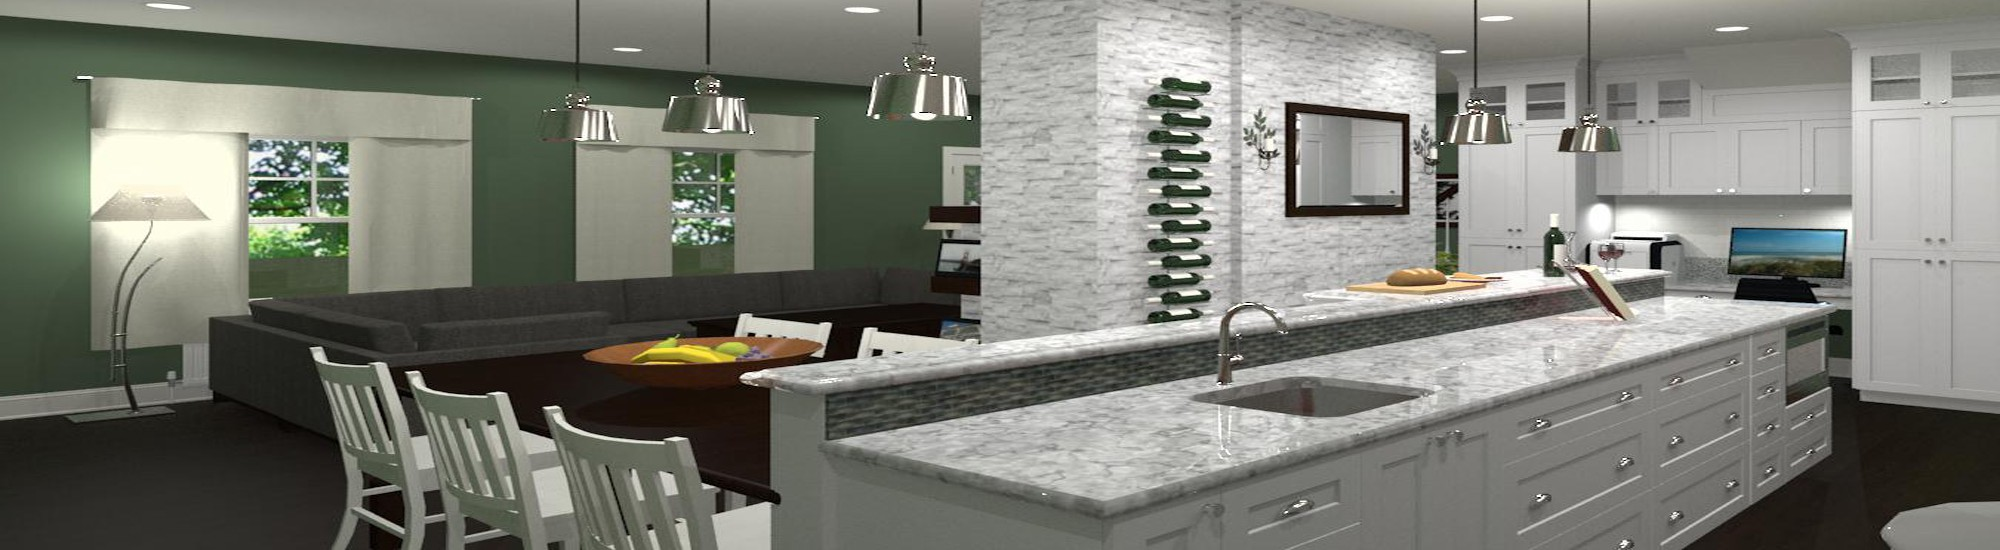 Design Build Pros Kitchen Computer Aided Design (4)